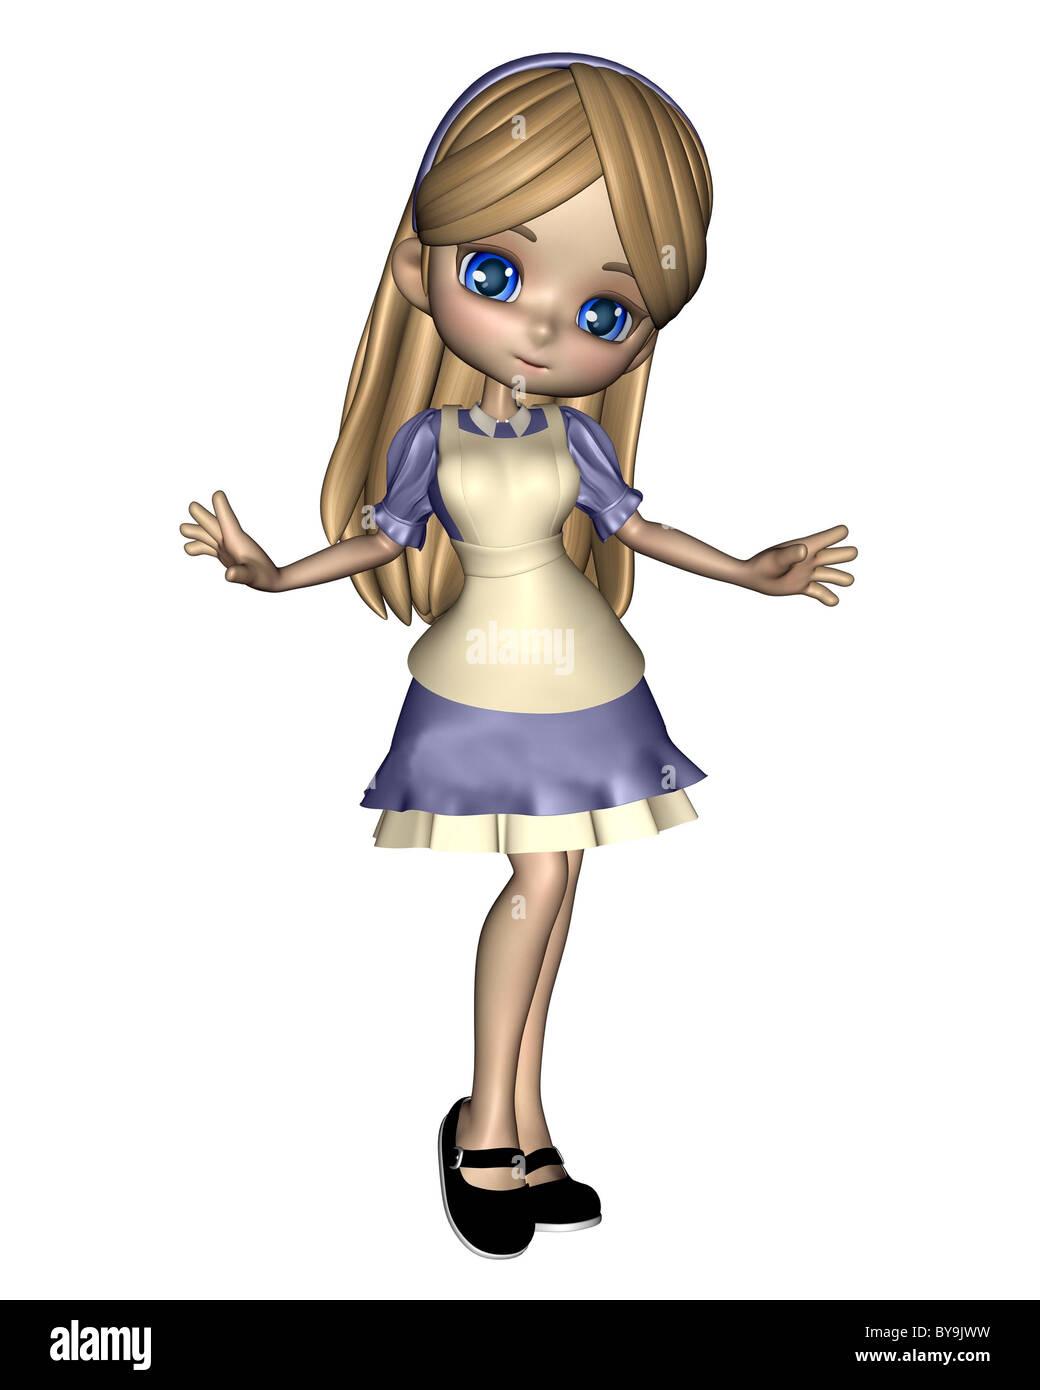 Alice in Wonderland - 2 - Stock Image